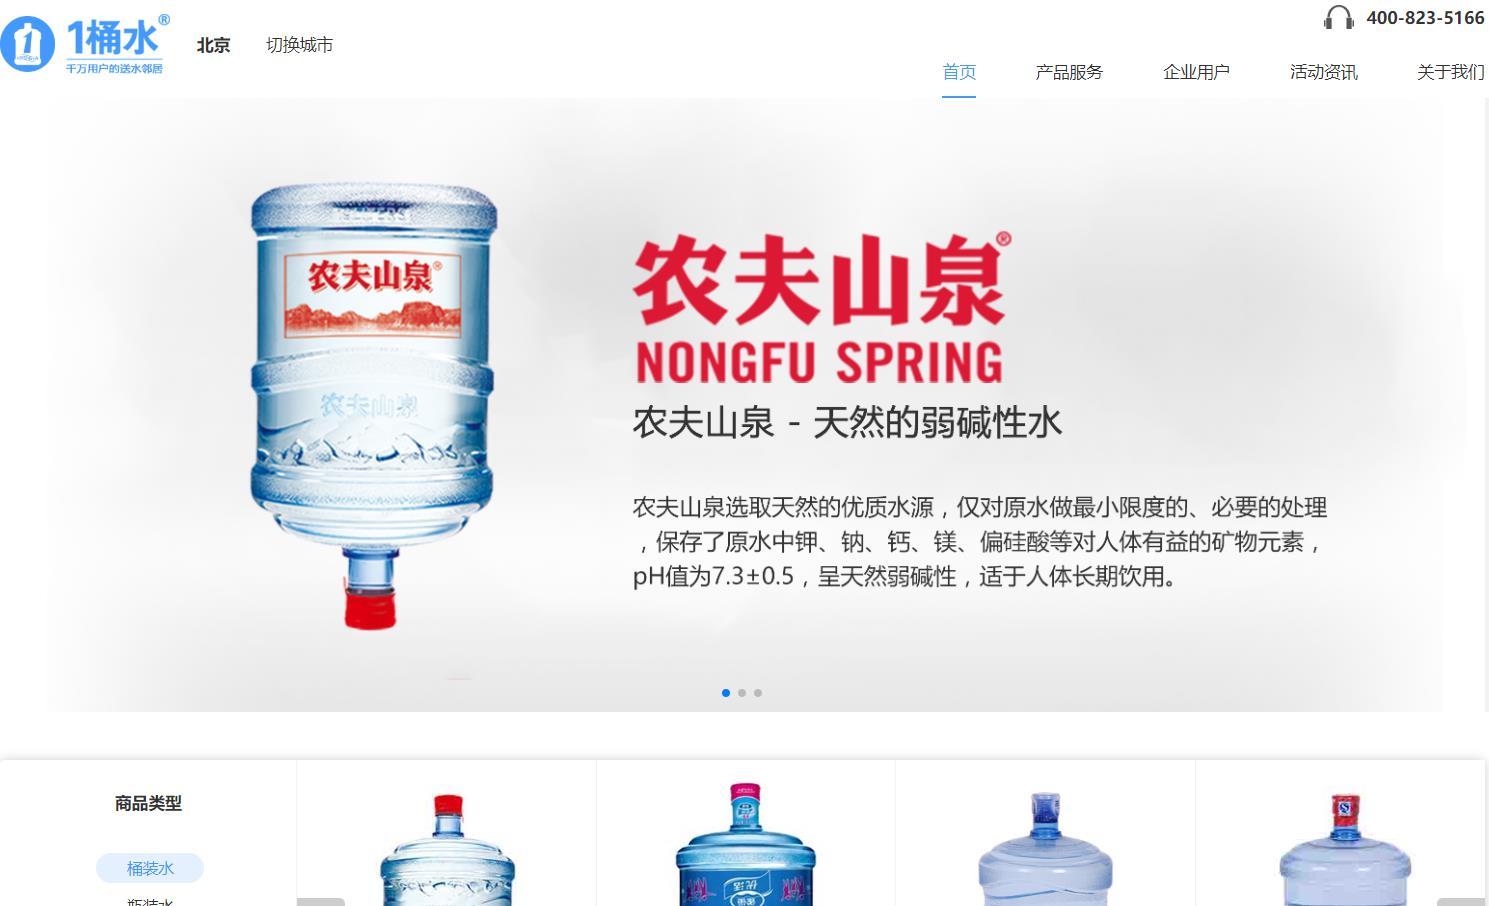 1桶水,千萬用戶送水鄰居